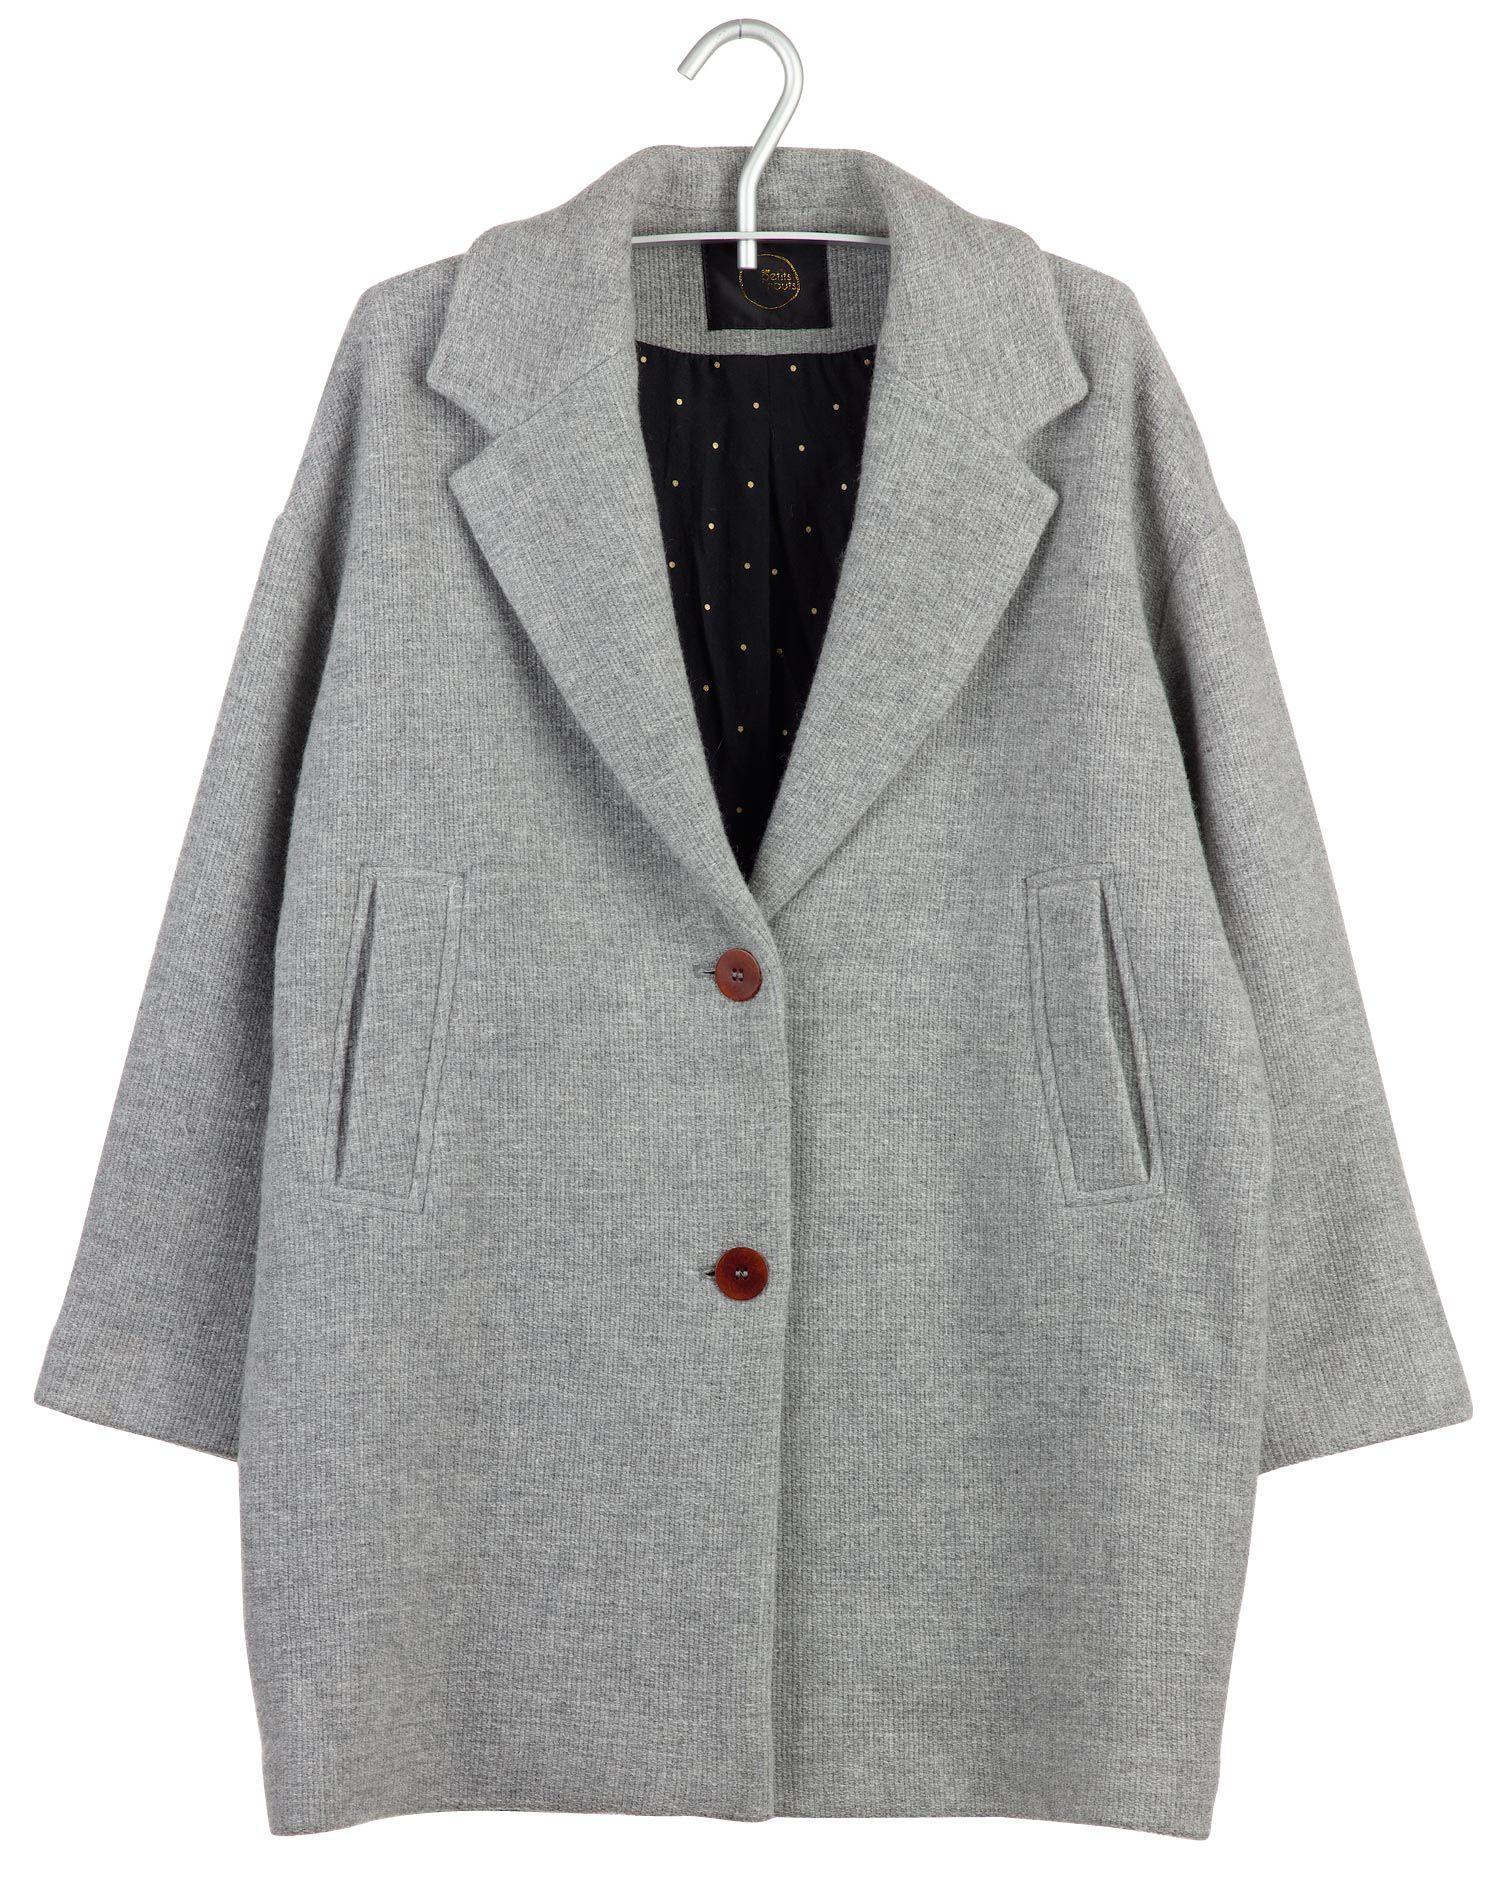 Manteau oversize Gris by DES PETITS HAUTS   manteaux   Jackets, Coat ... 8925879a4289